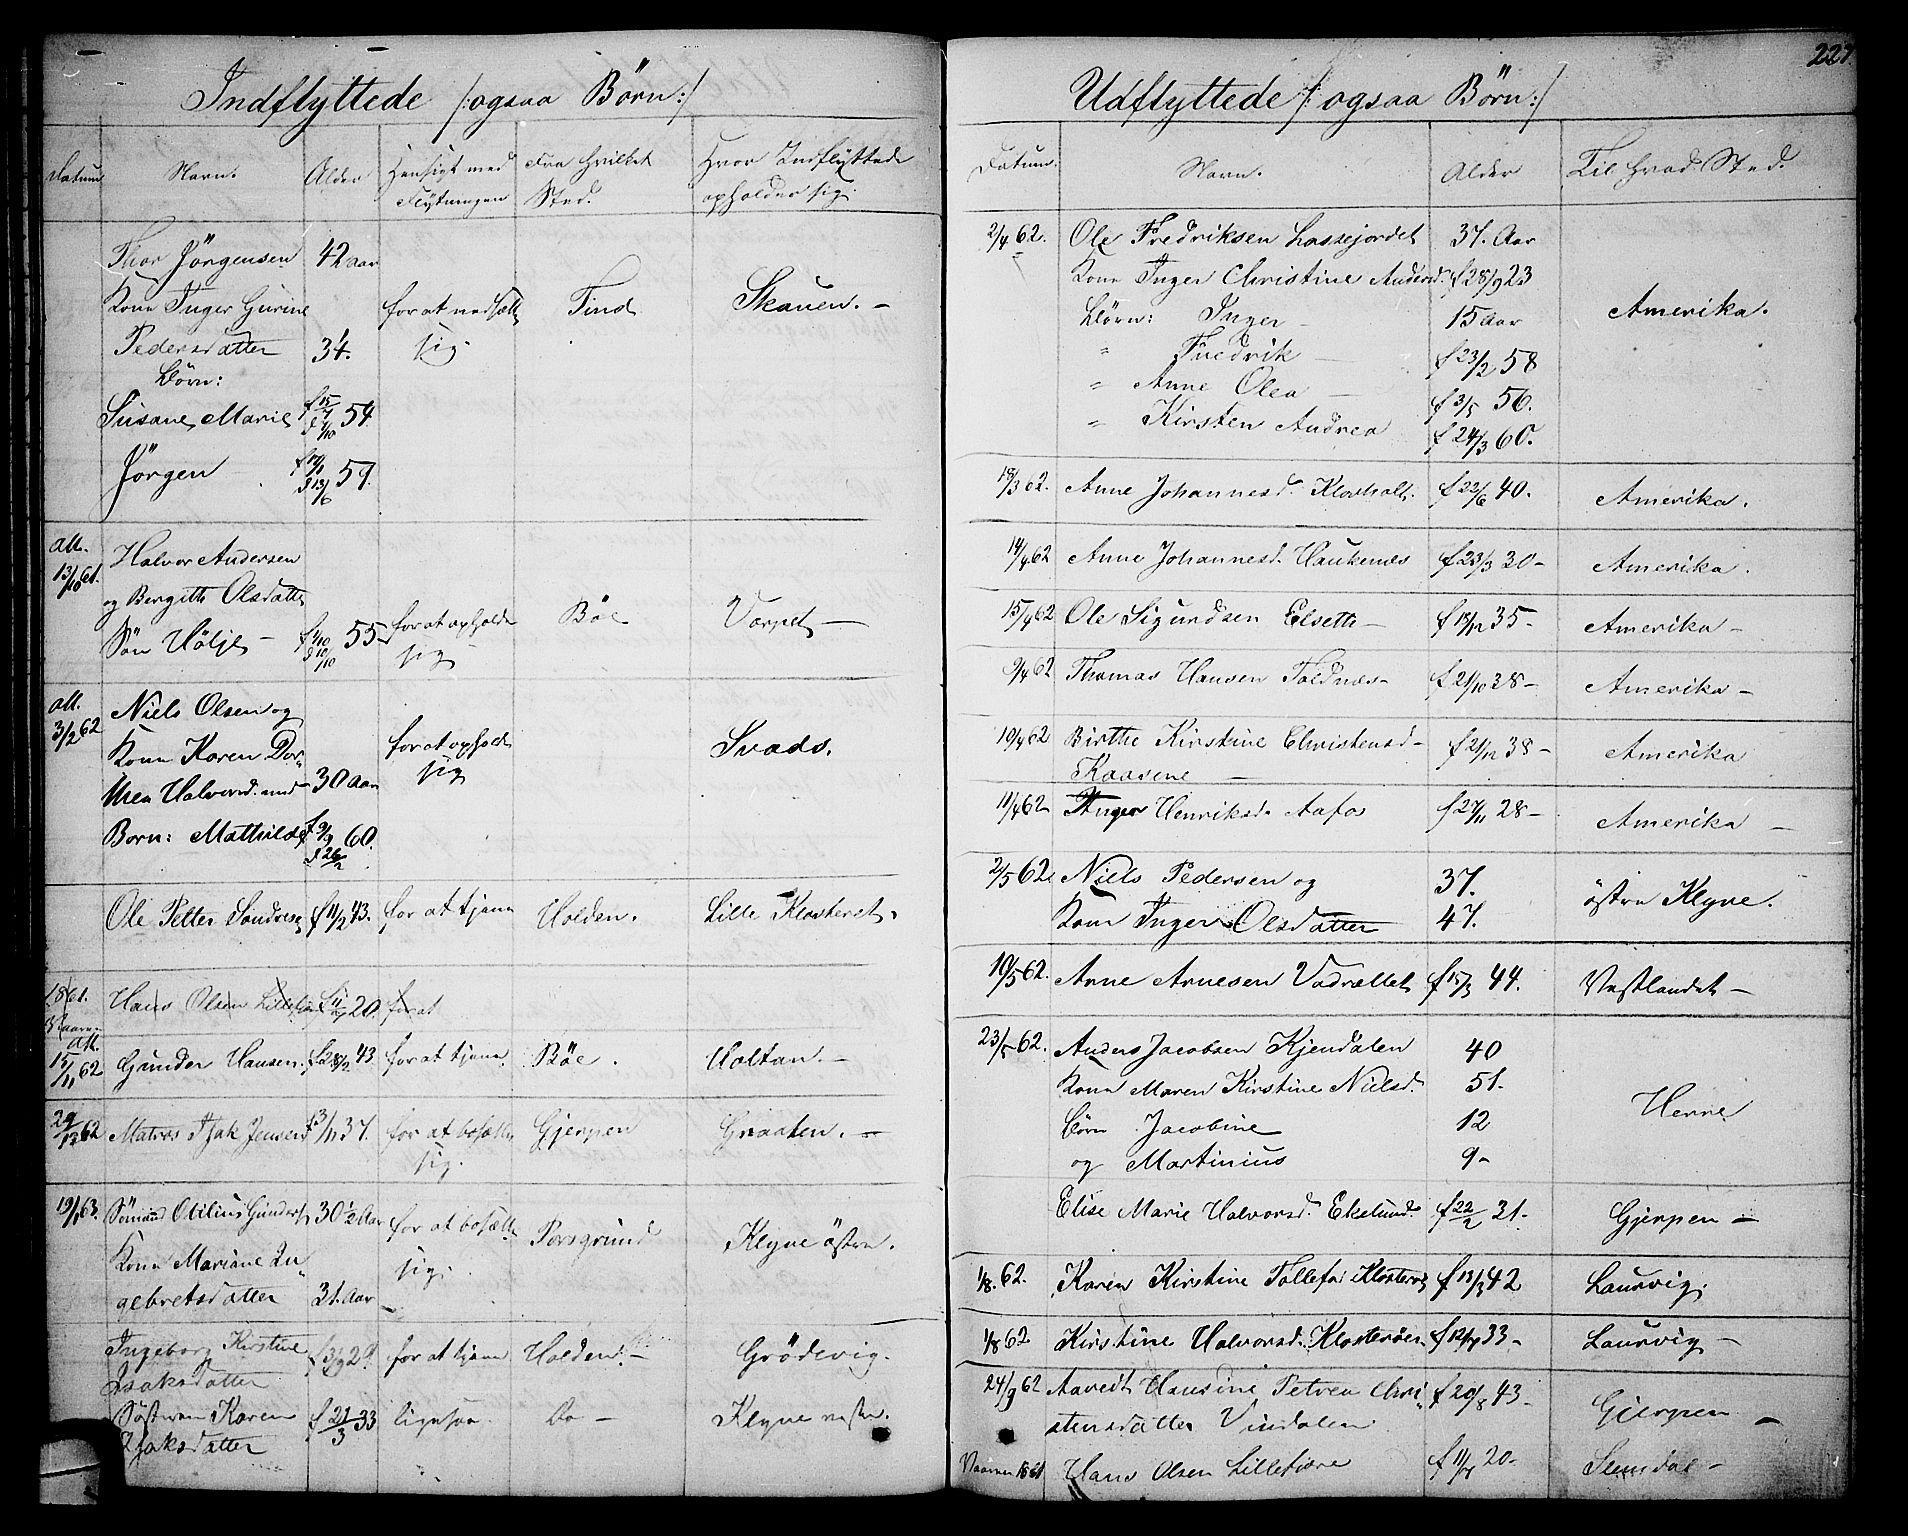 SAKO, Solum kirkebøker, G/Ga/L0004: Klokkerbok nr. I 4, 1859-1876, s. 227